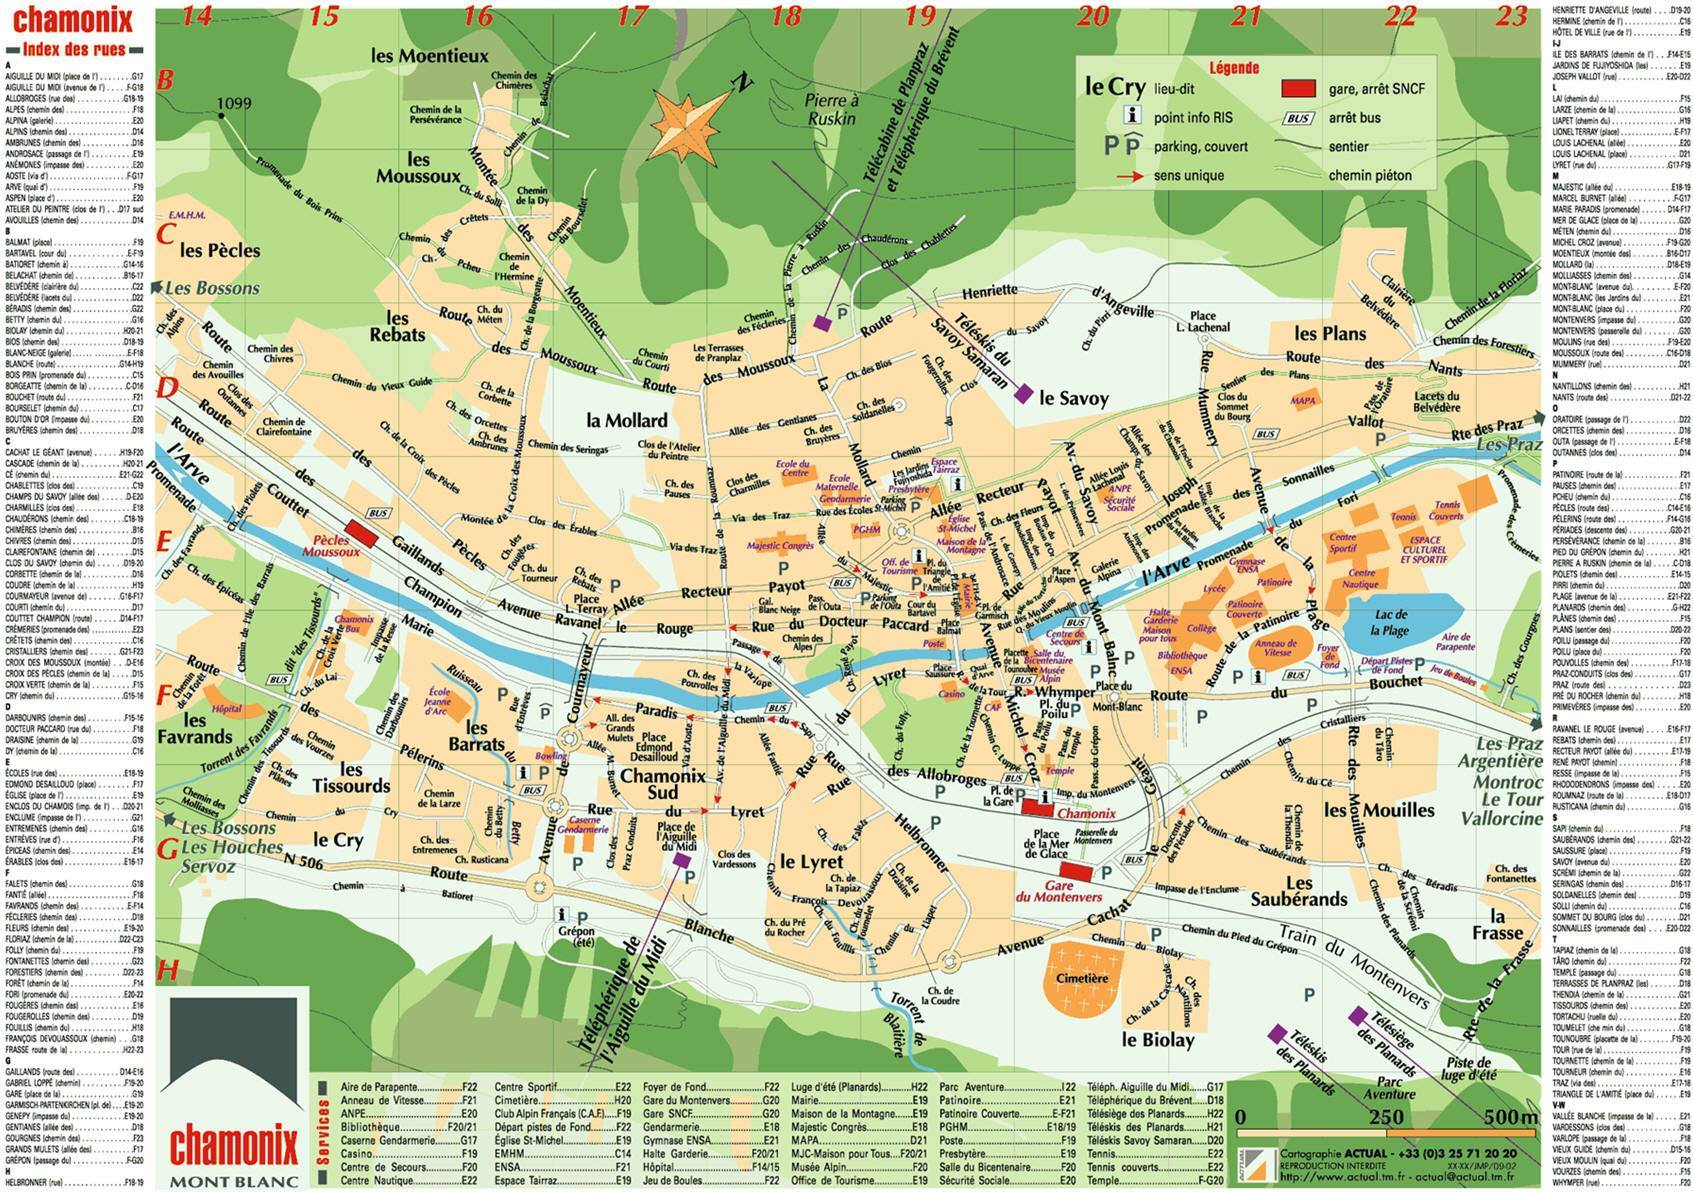 Chamonix Cartina Geografica.Mappa Di Chamonix Cartina Di Chamonix